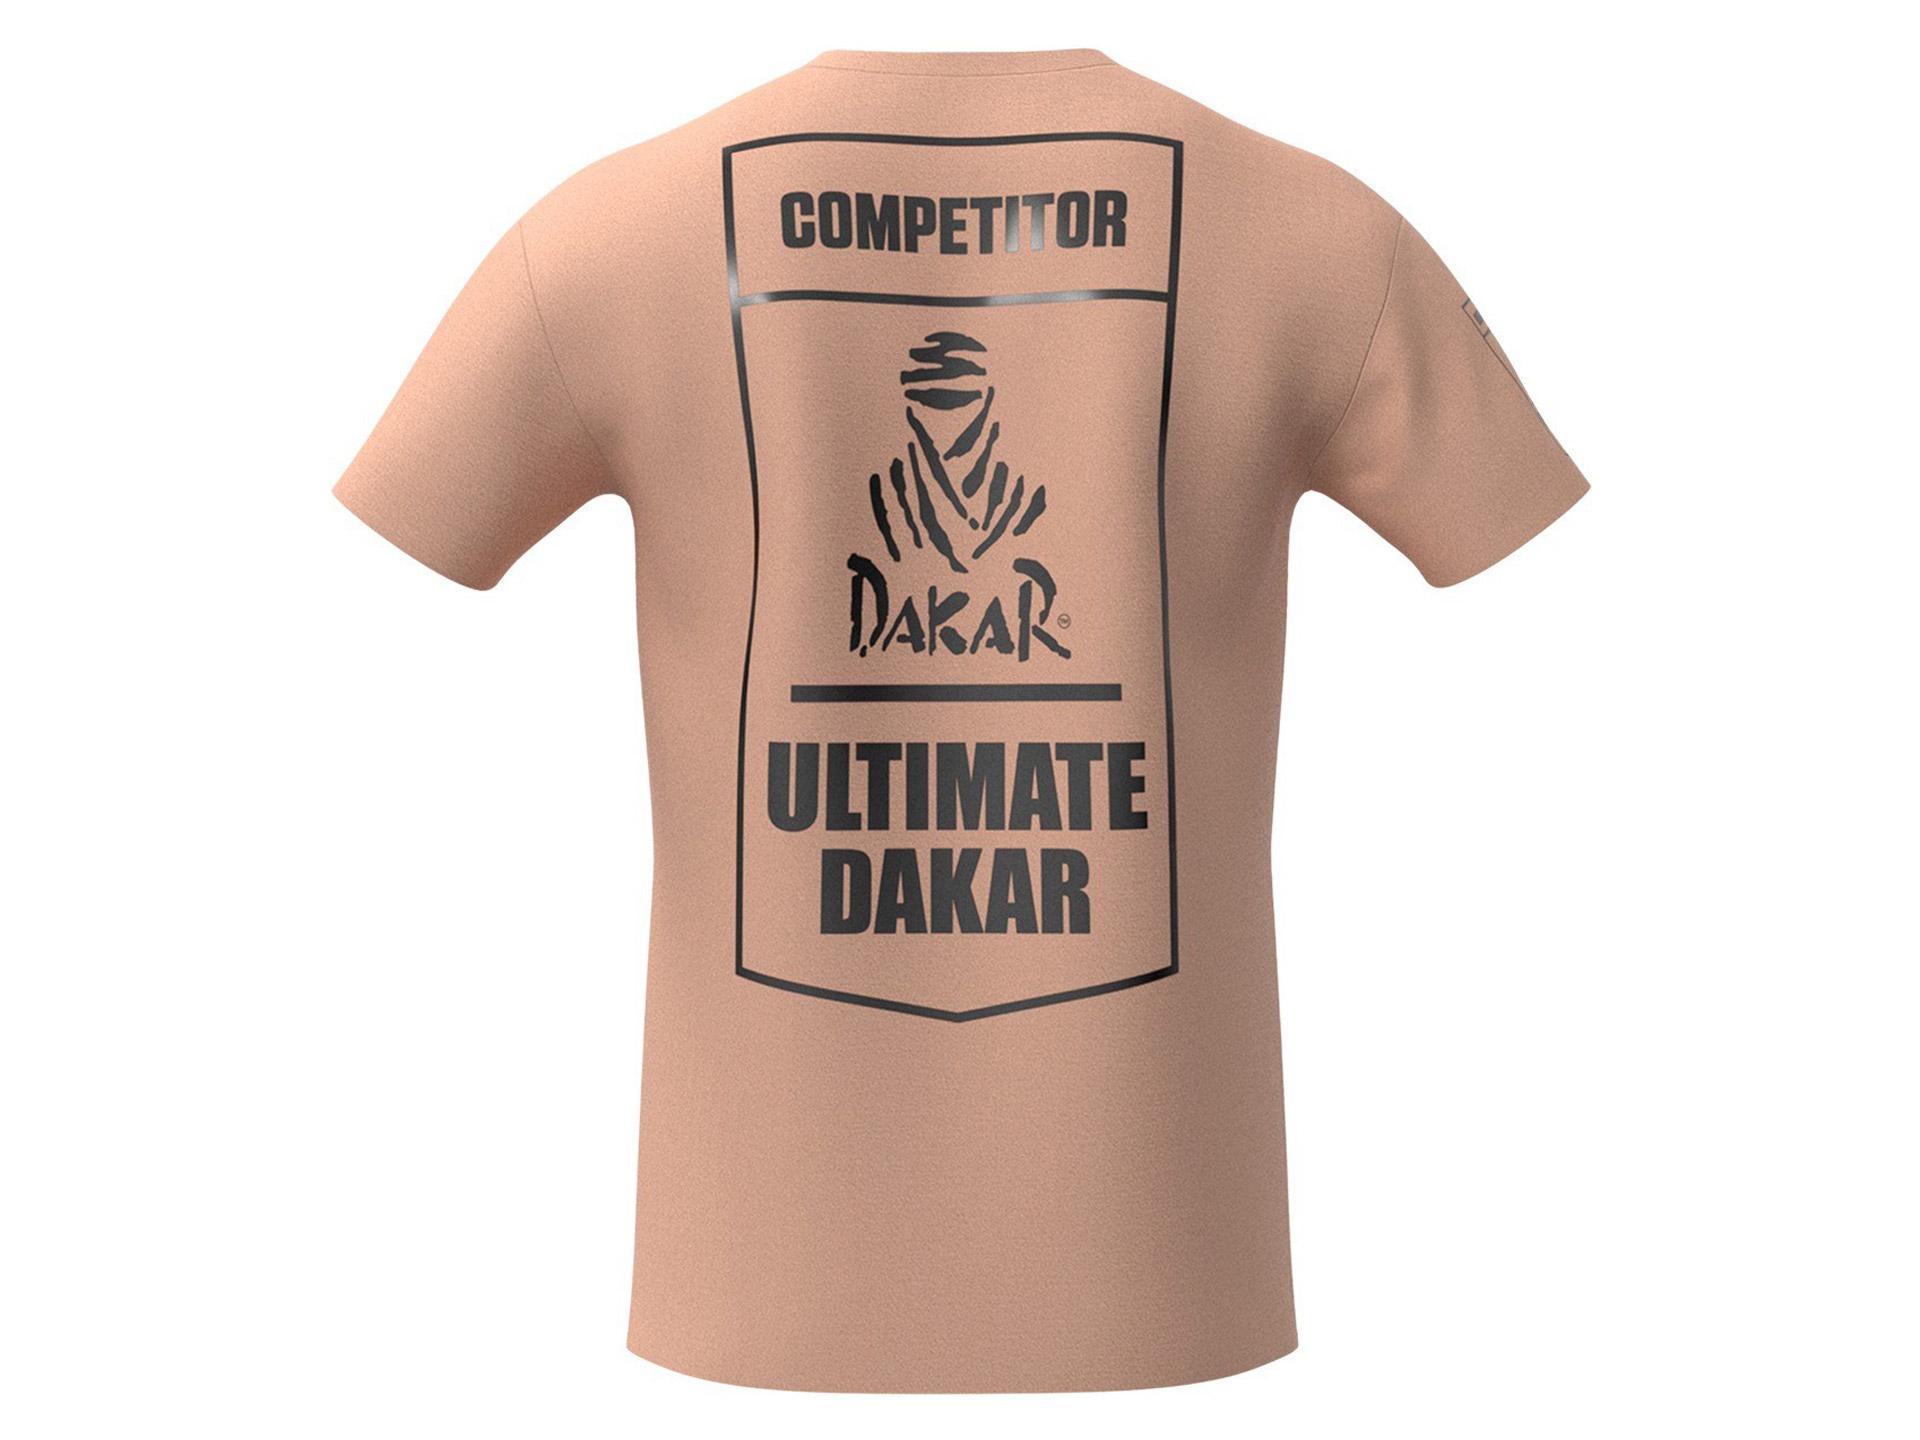 Obrázek galerie Tričko Ultimate Dakar Racing – Kolekce Double Red 2021 – Unisex písečná – L